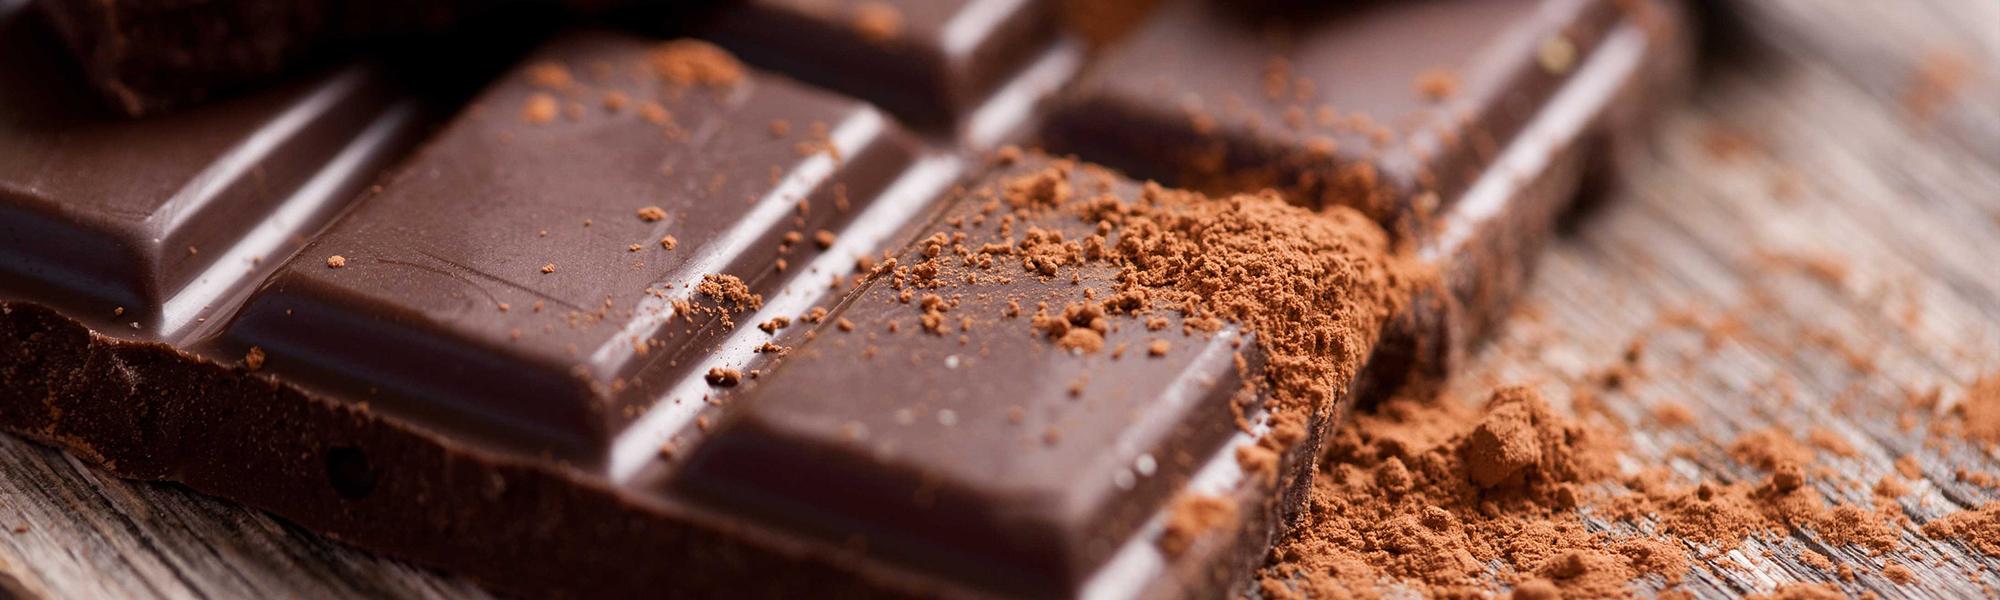 Deumidificazione per cacao e cioccolato